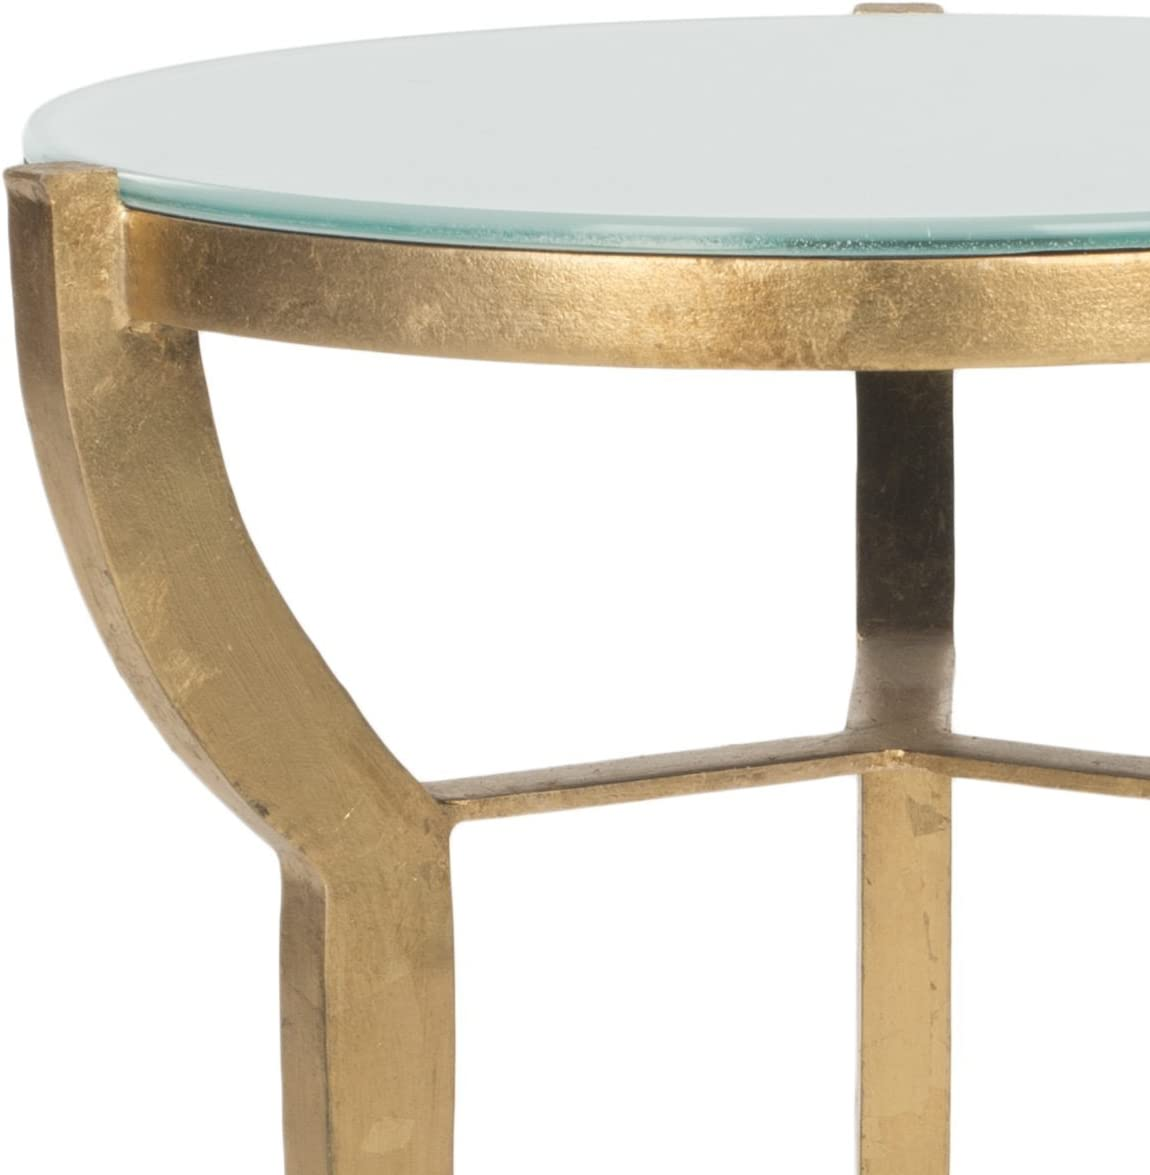 Safavieh Suri Akzenttisch, Metall, Gold, 41 x 41 x 52.07 cm Gold